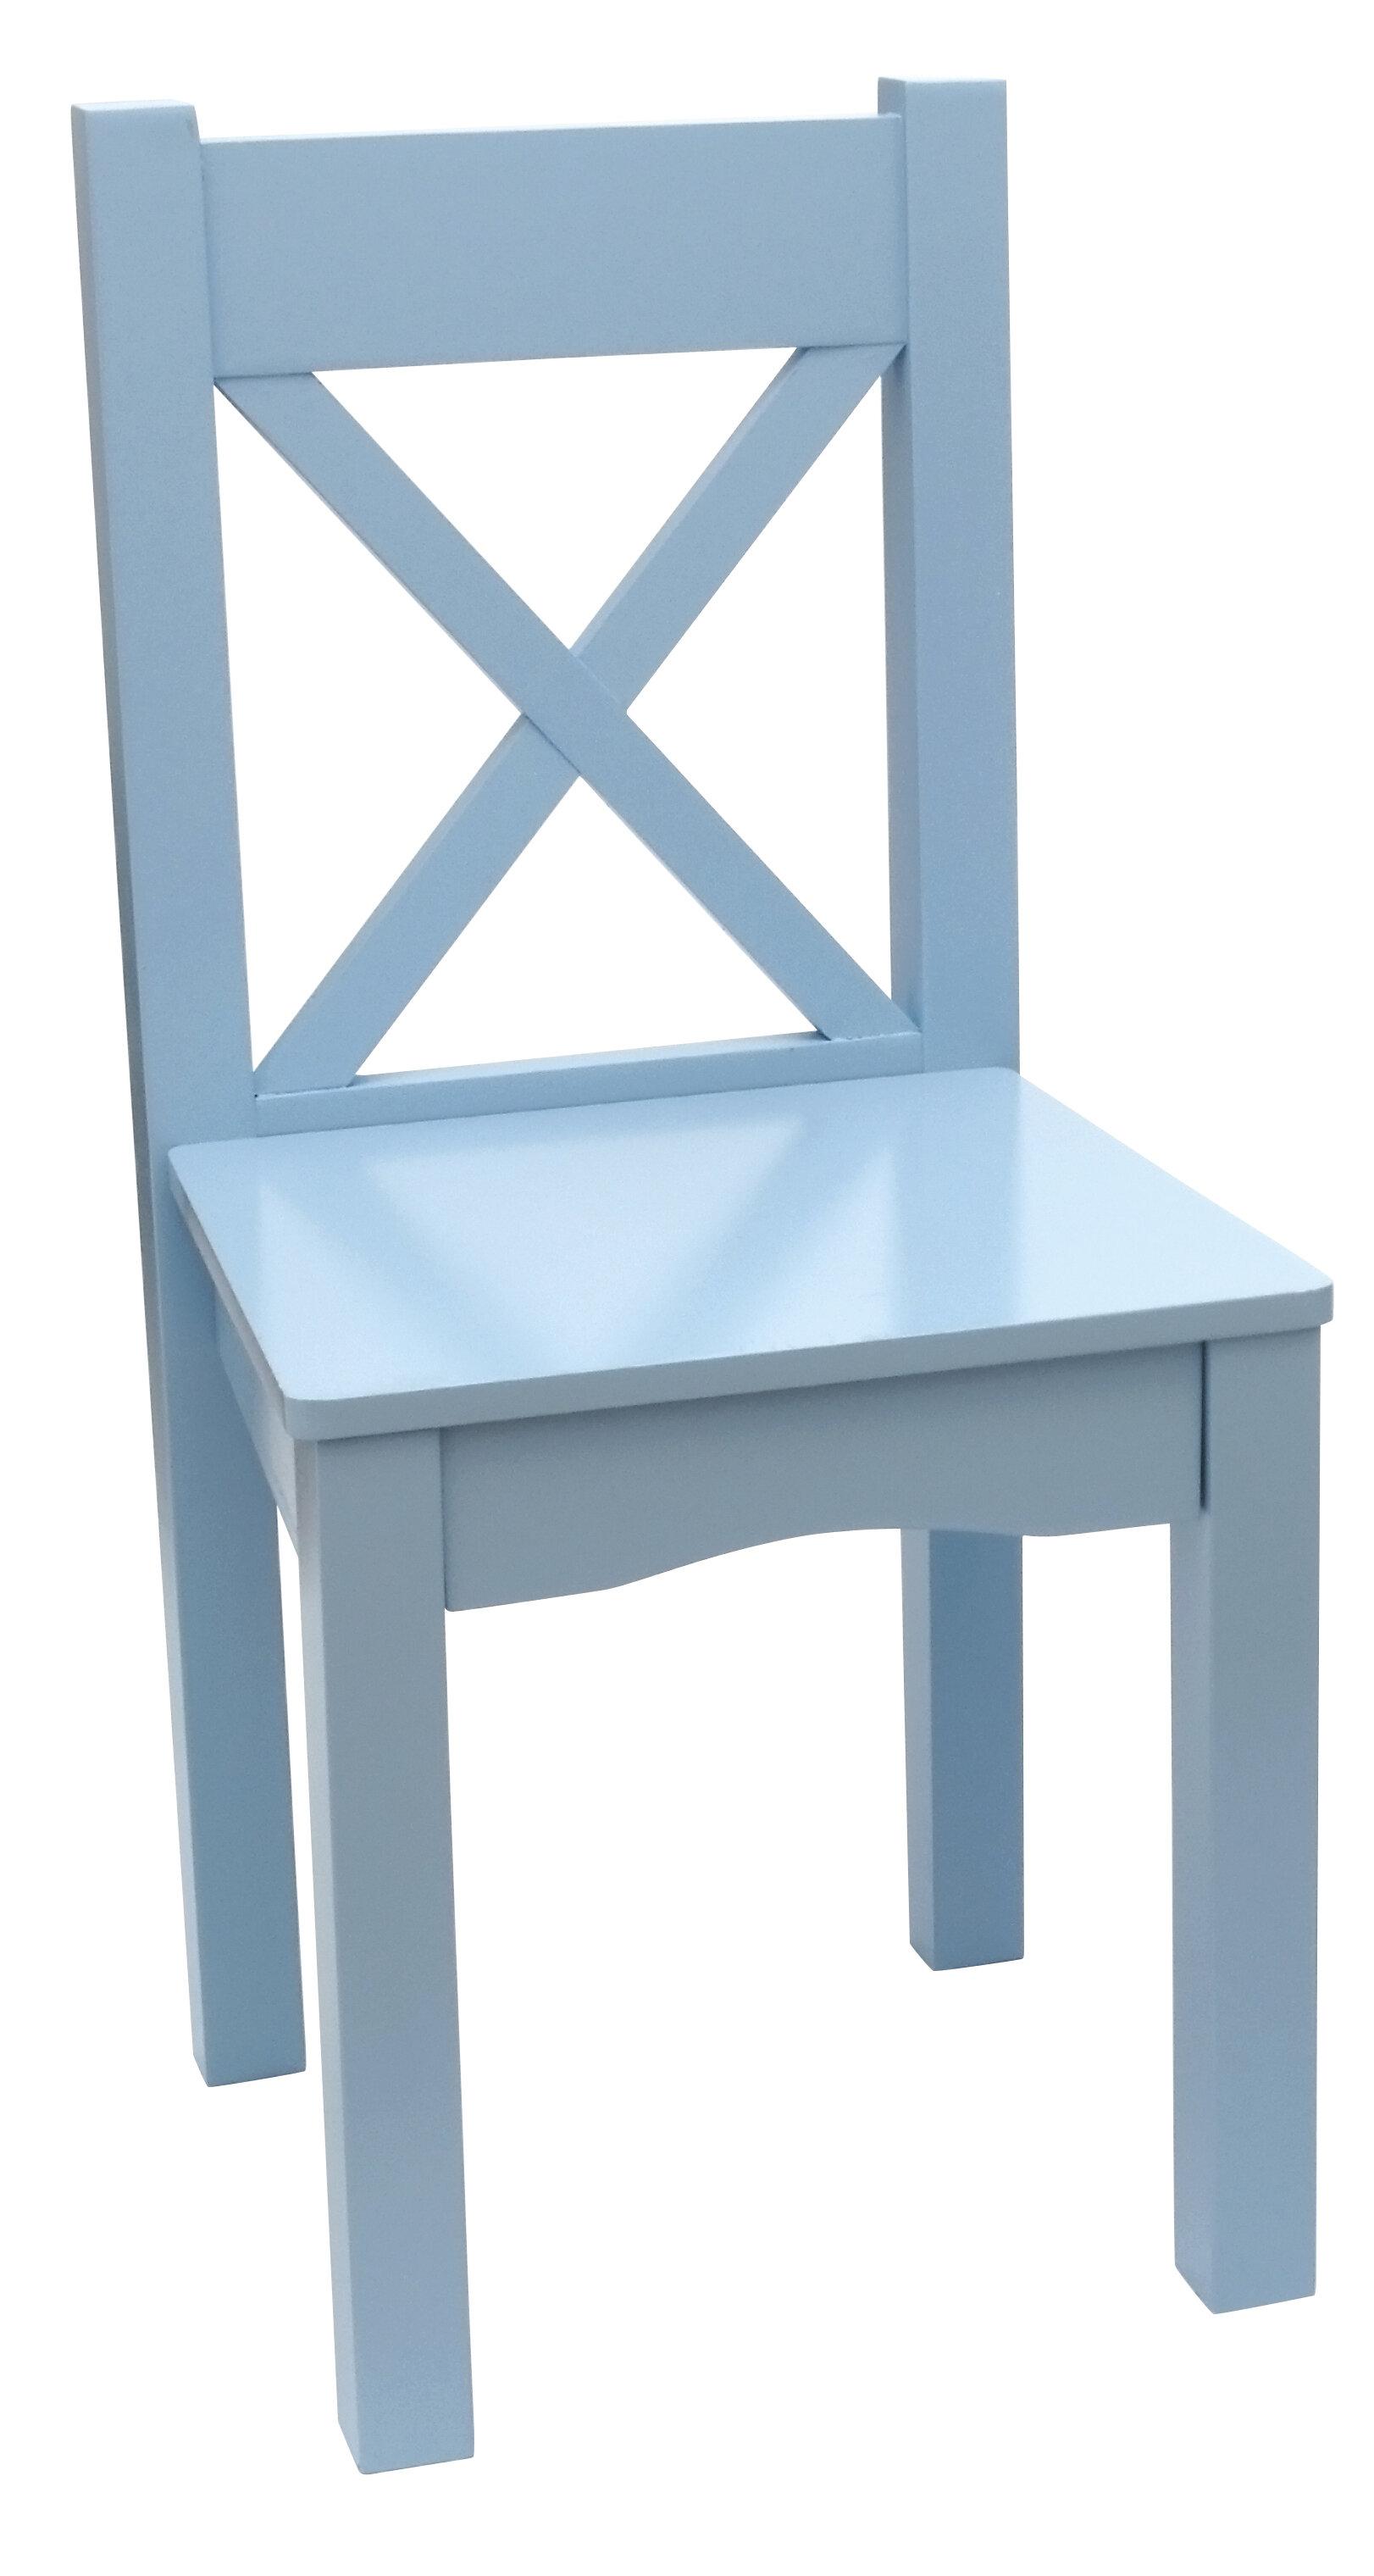 emily furniture allen ethan front ca null desk home blue office desks petite en di images shop